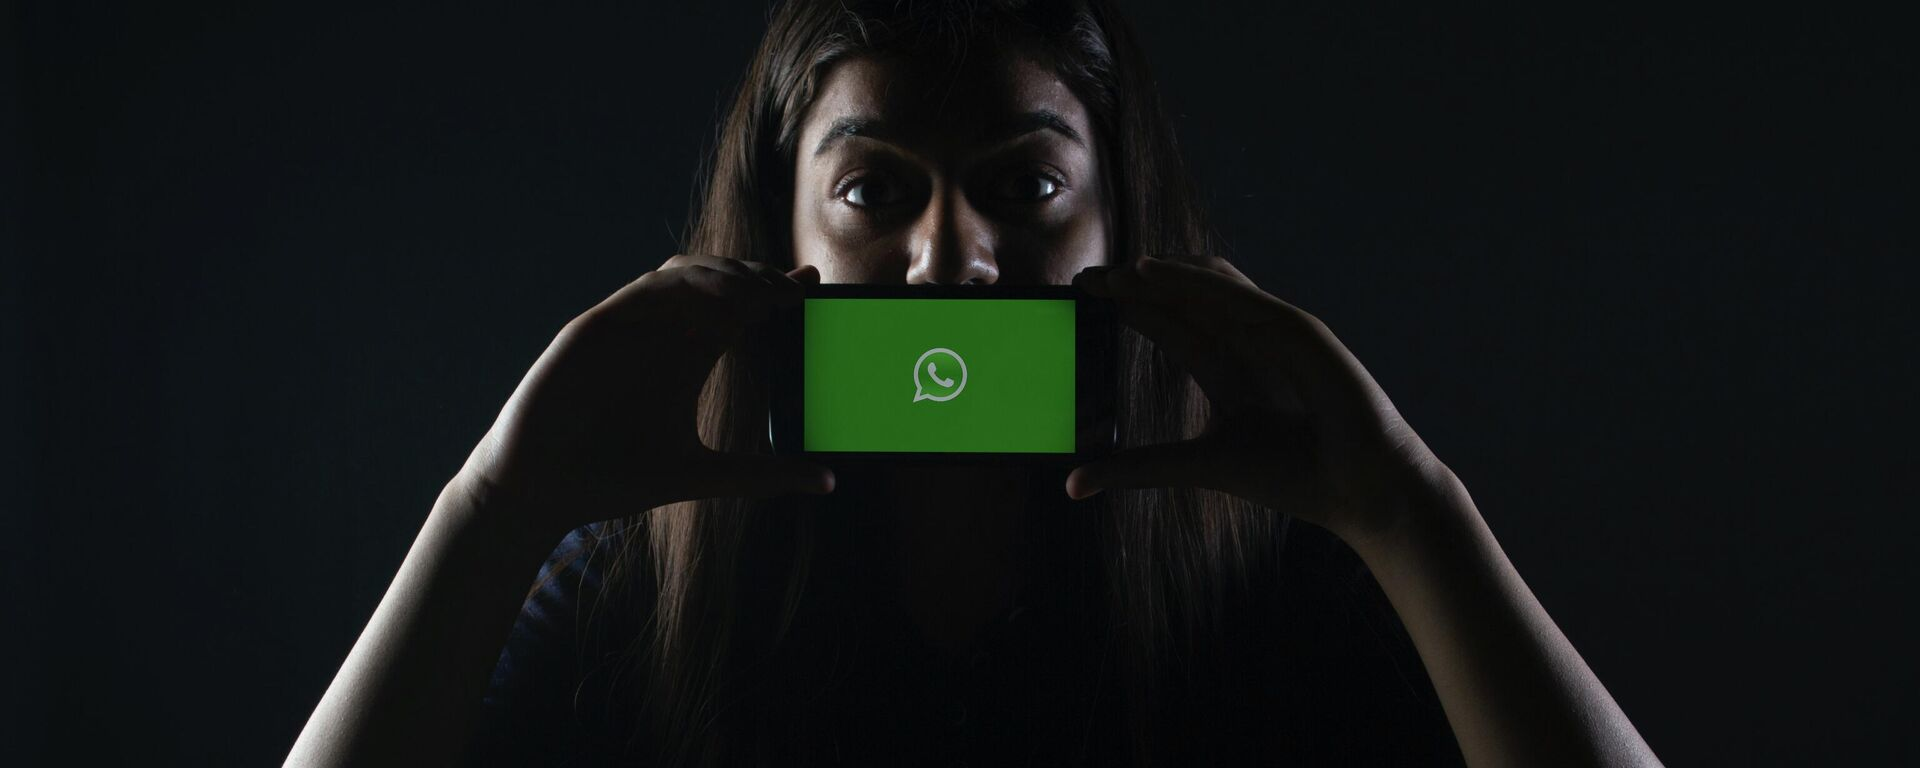 Una persona sostiene un móvil con el logotipo de WhatsApp - Sputnik Mundo, 1920, 05.08.2021